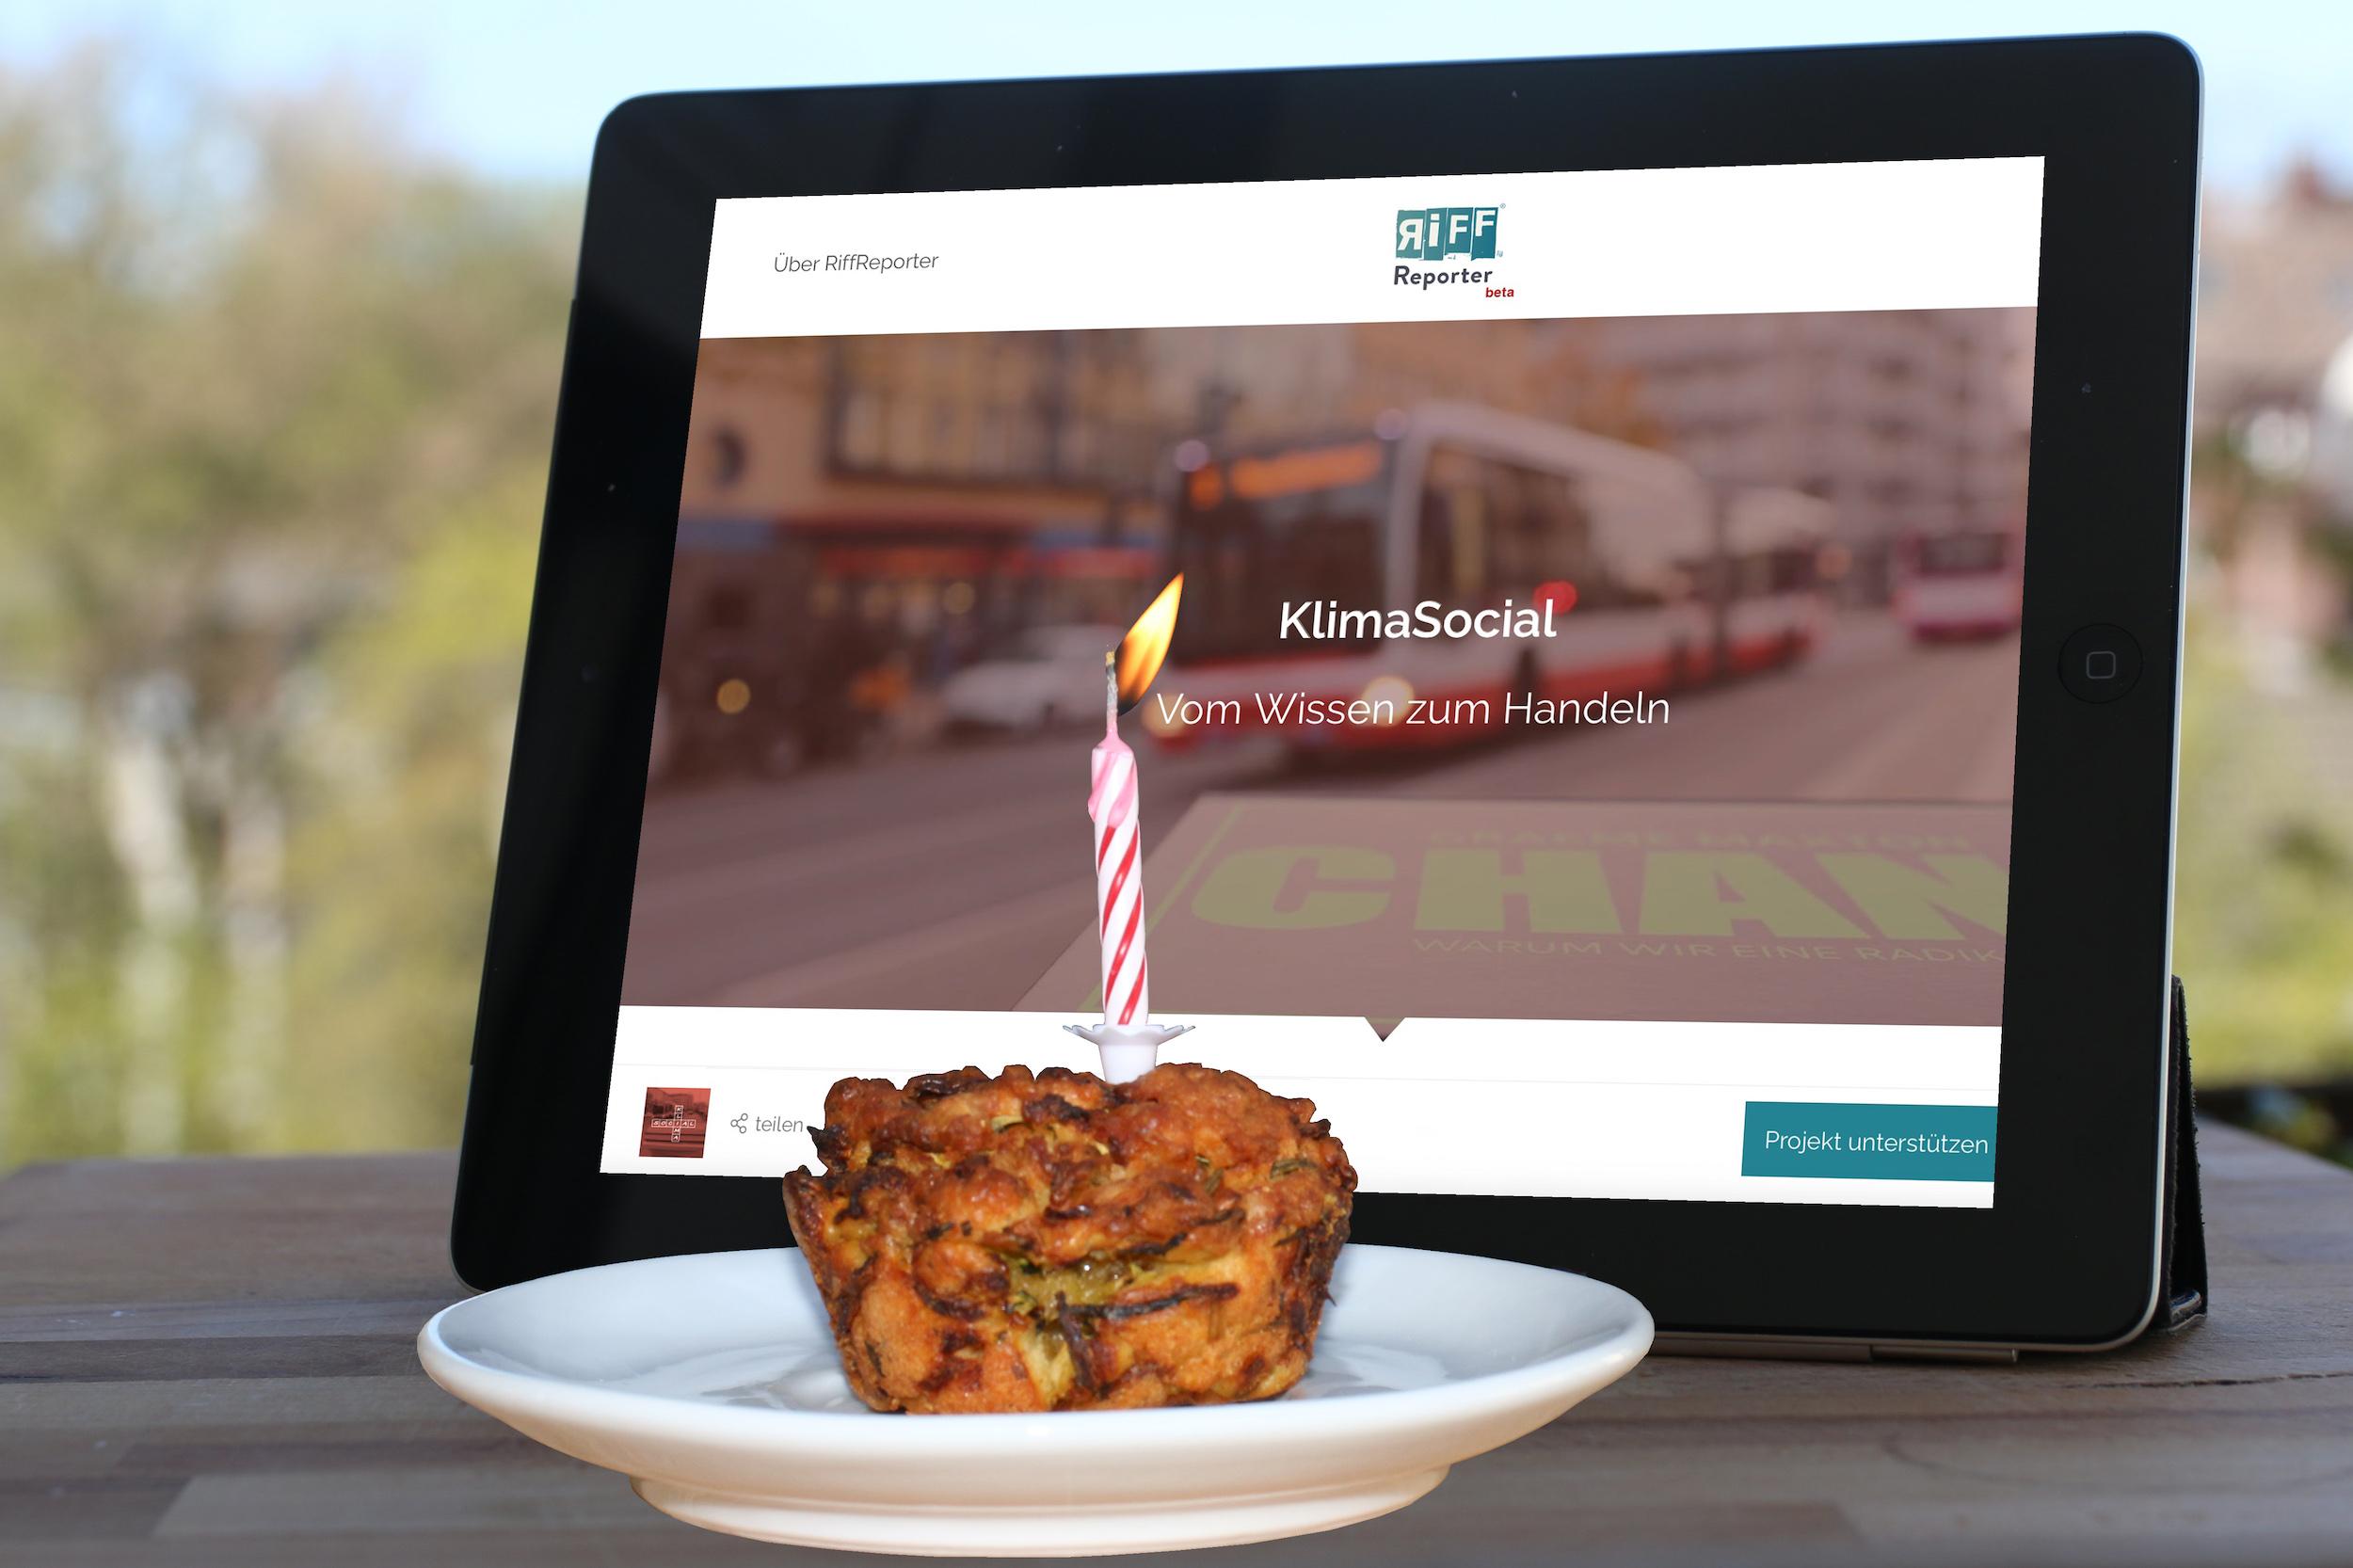 Ein Törtchen mit einer Geburtstagskerze steht vor einem iPad. Auf dem Bildschirm ist die Startseite der Koralle KlimaSocial zu sehen mit dem Motto: Vom Wissen zum Handeln.